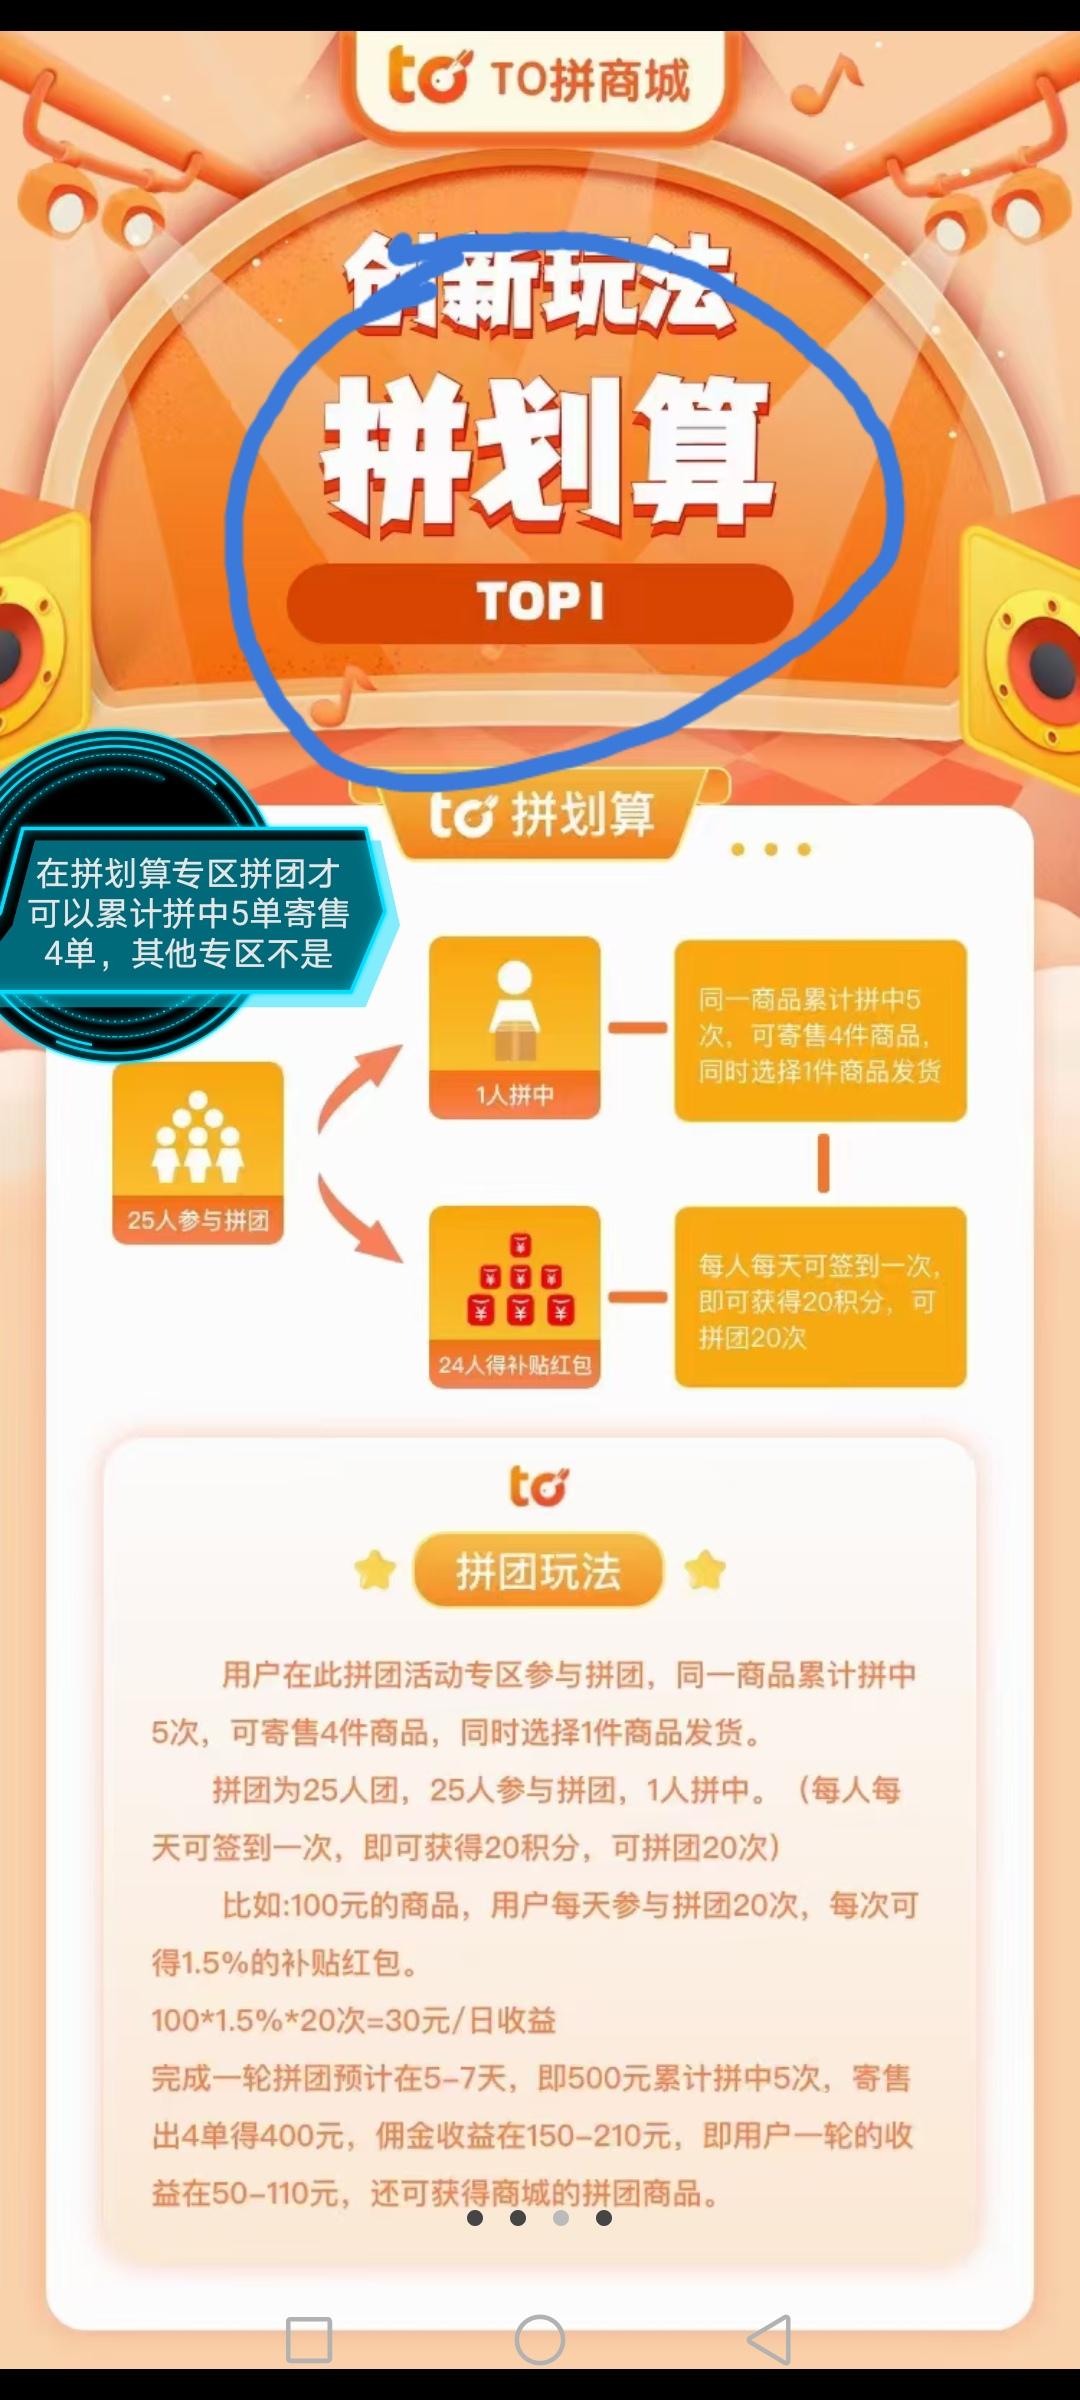 图片[2]-To拼拼团,内测上线,无限代扶持100-首码社